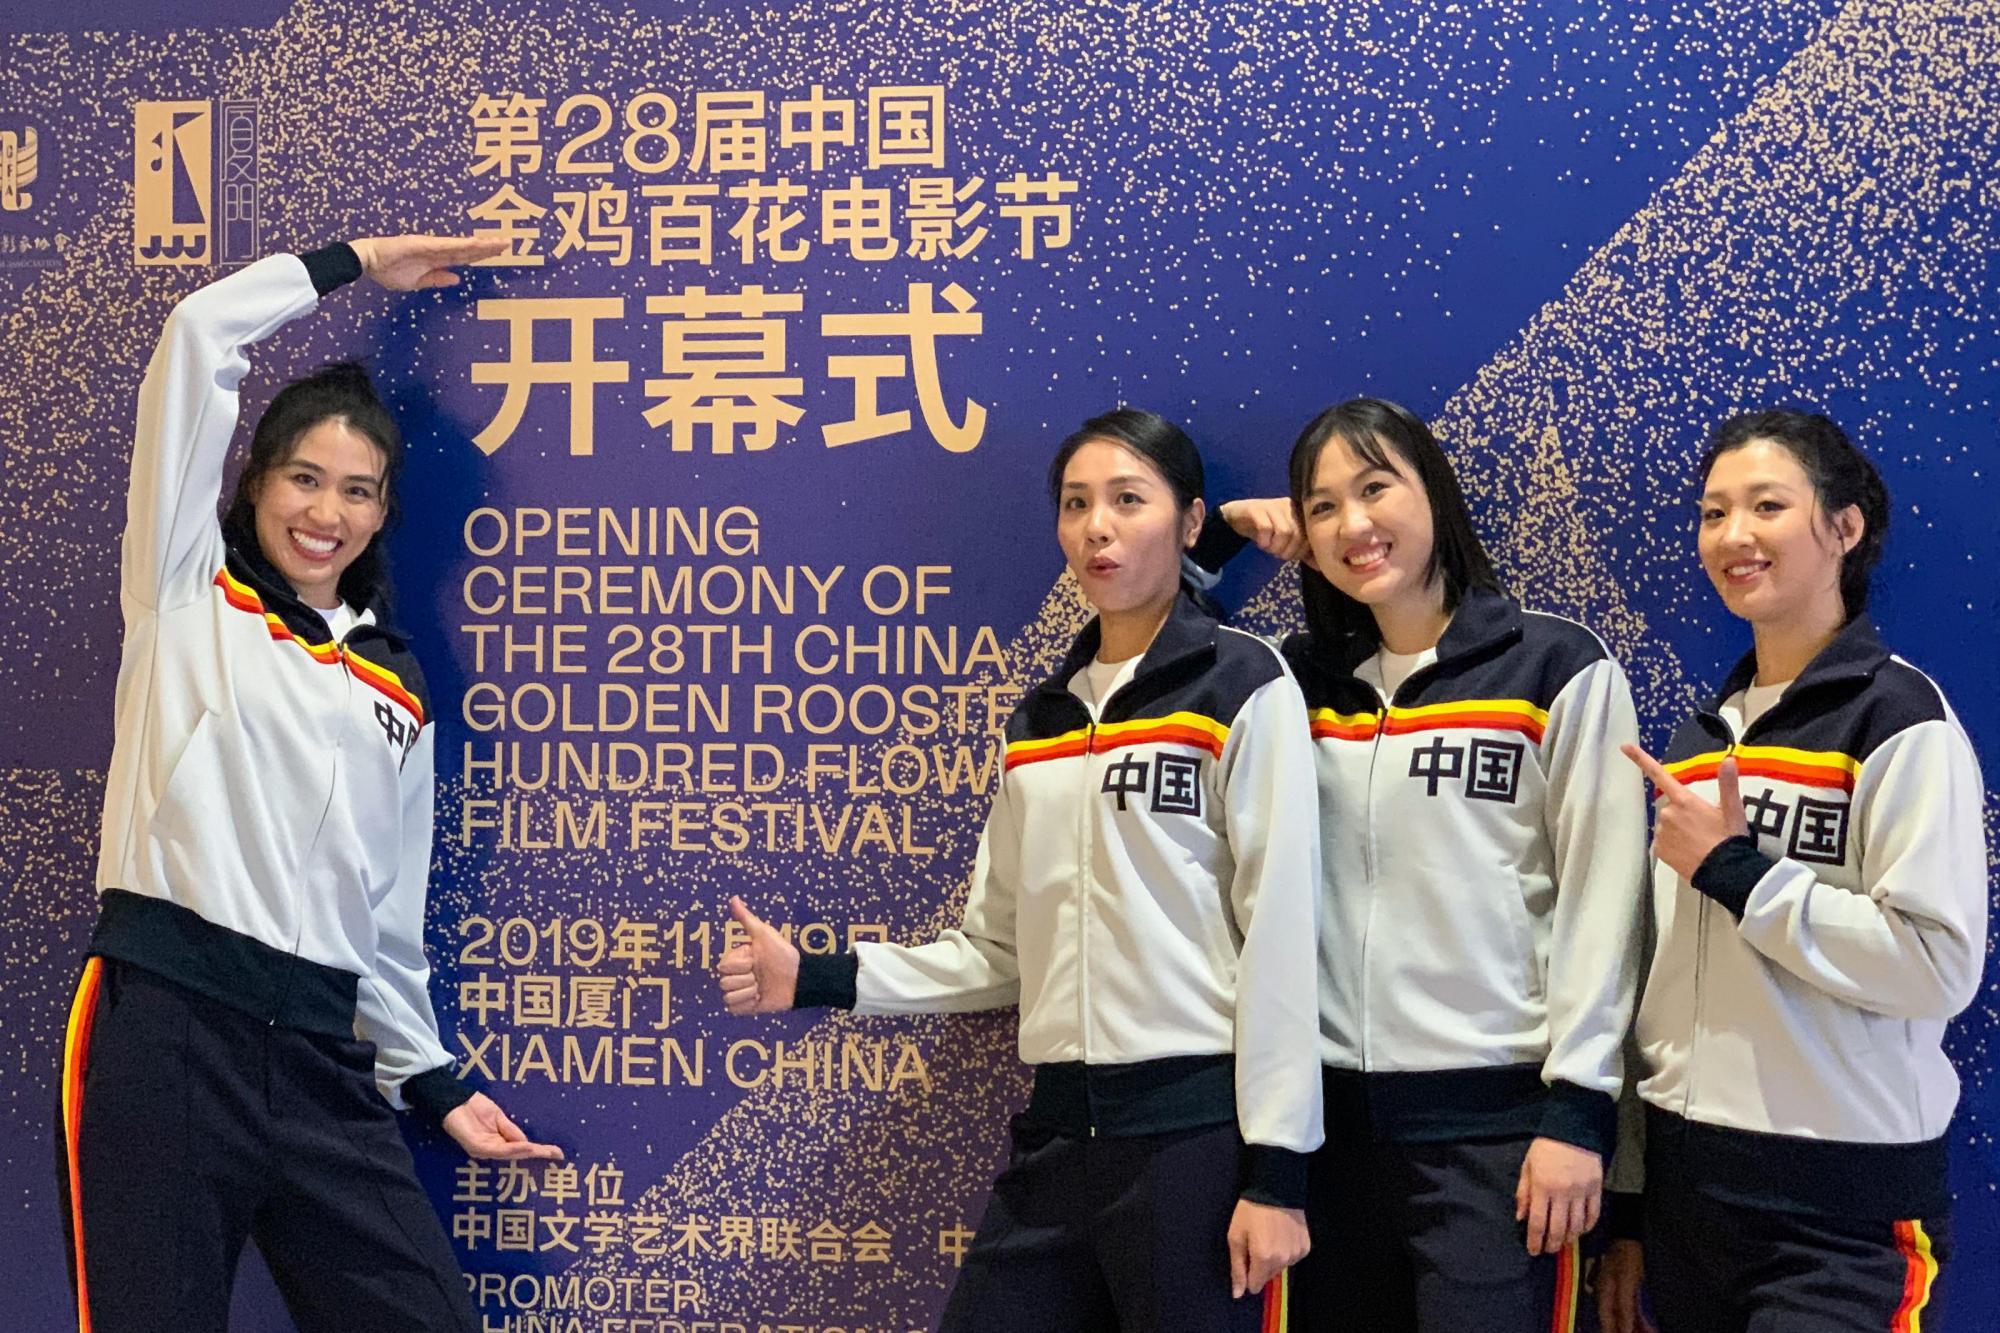 郎平女儿出席金鸡百花电影节同台成龙张艺谋张国立